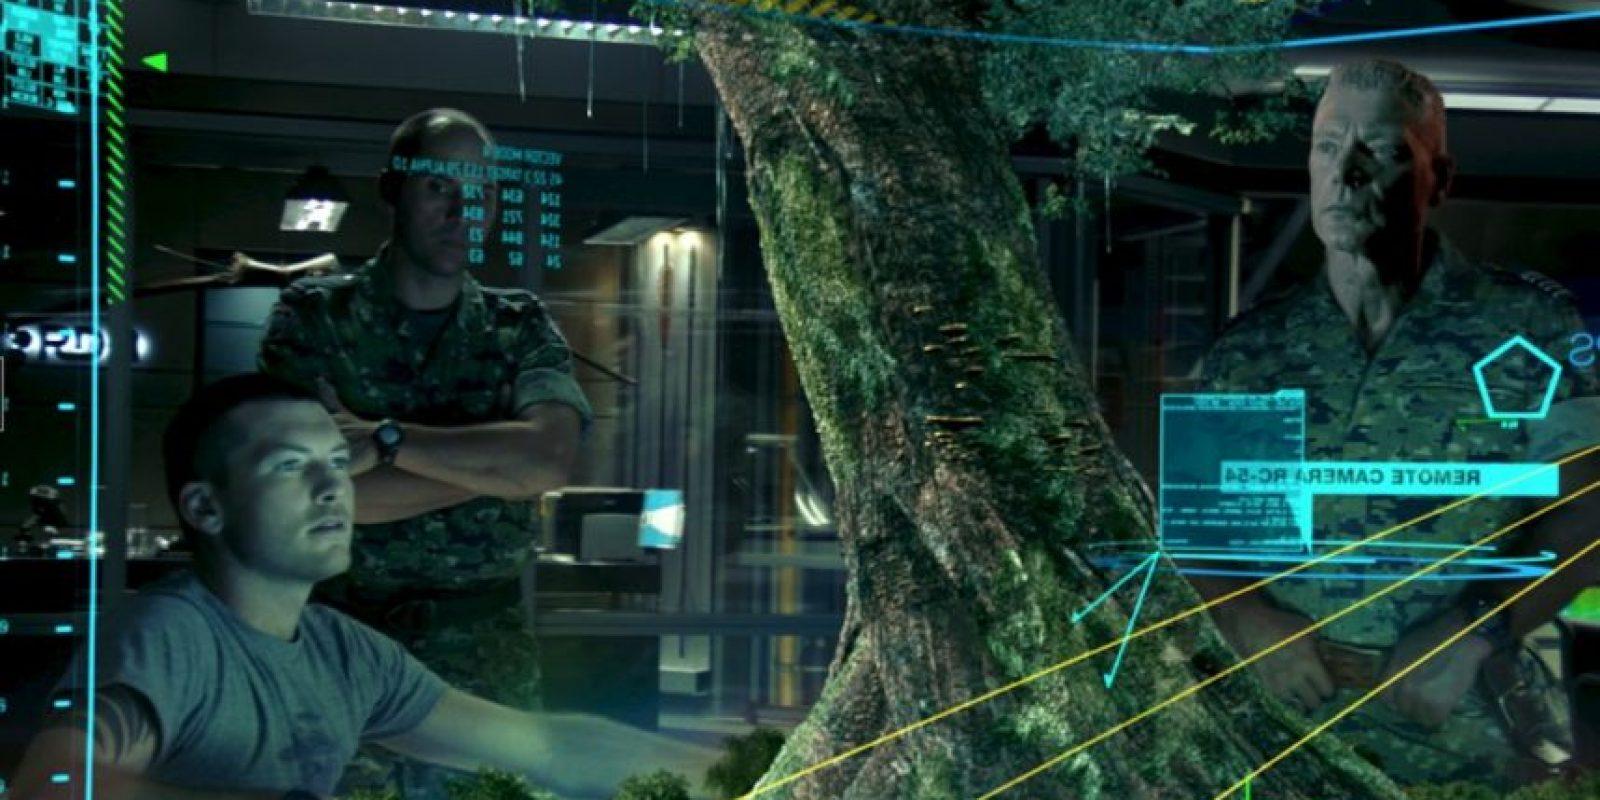 Una luna del planeta Polifemo habitada por una raza humanoide llamada na'vi. Foto:Avatarmovie.com. Imagen Por: